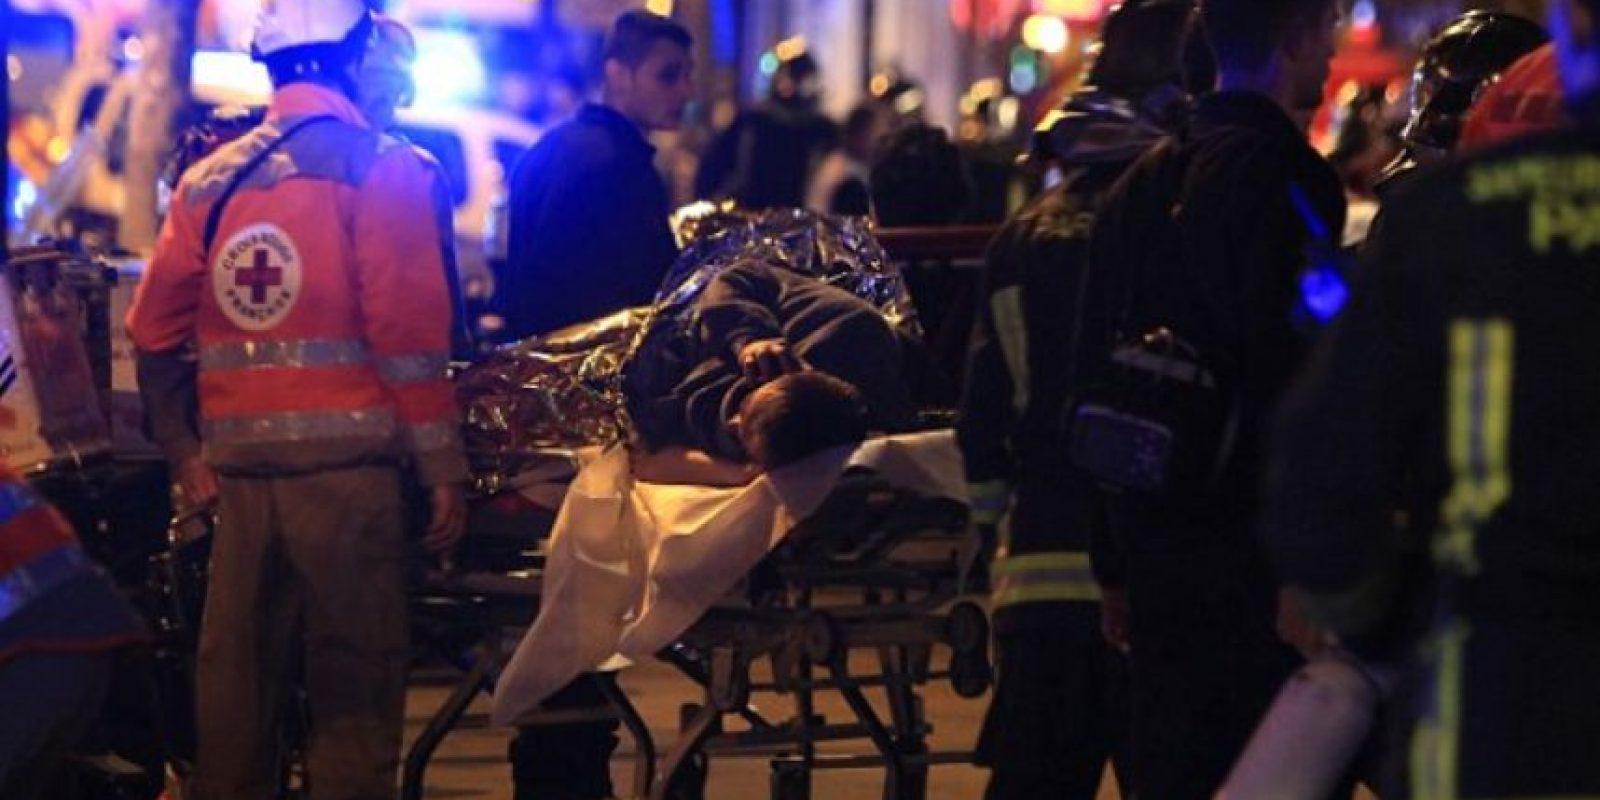 Los malheridos fueron trasladados a hospitales cercanos. Foto:AFP